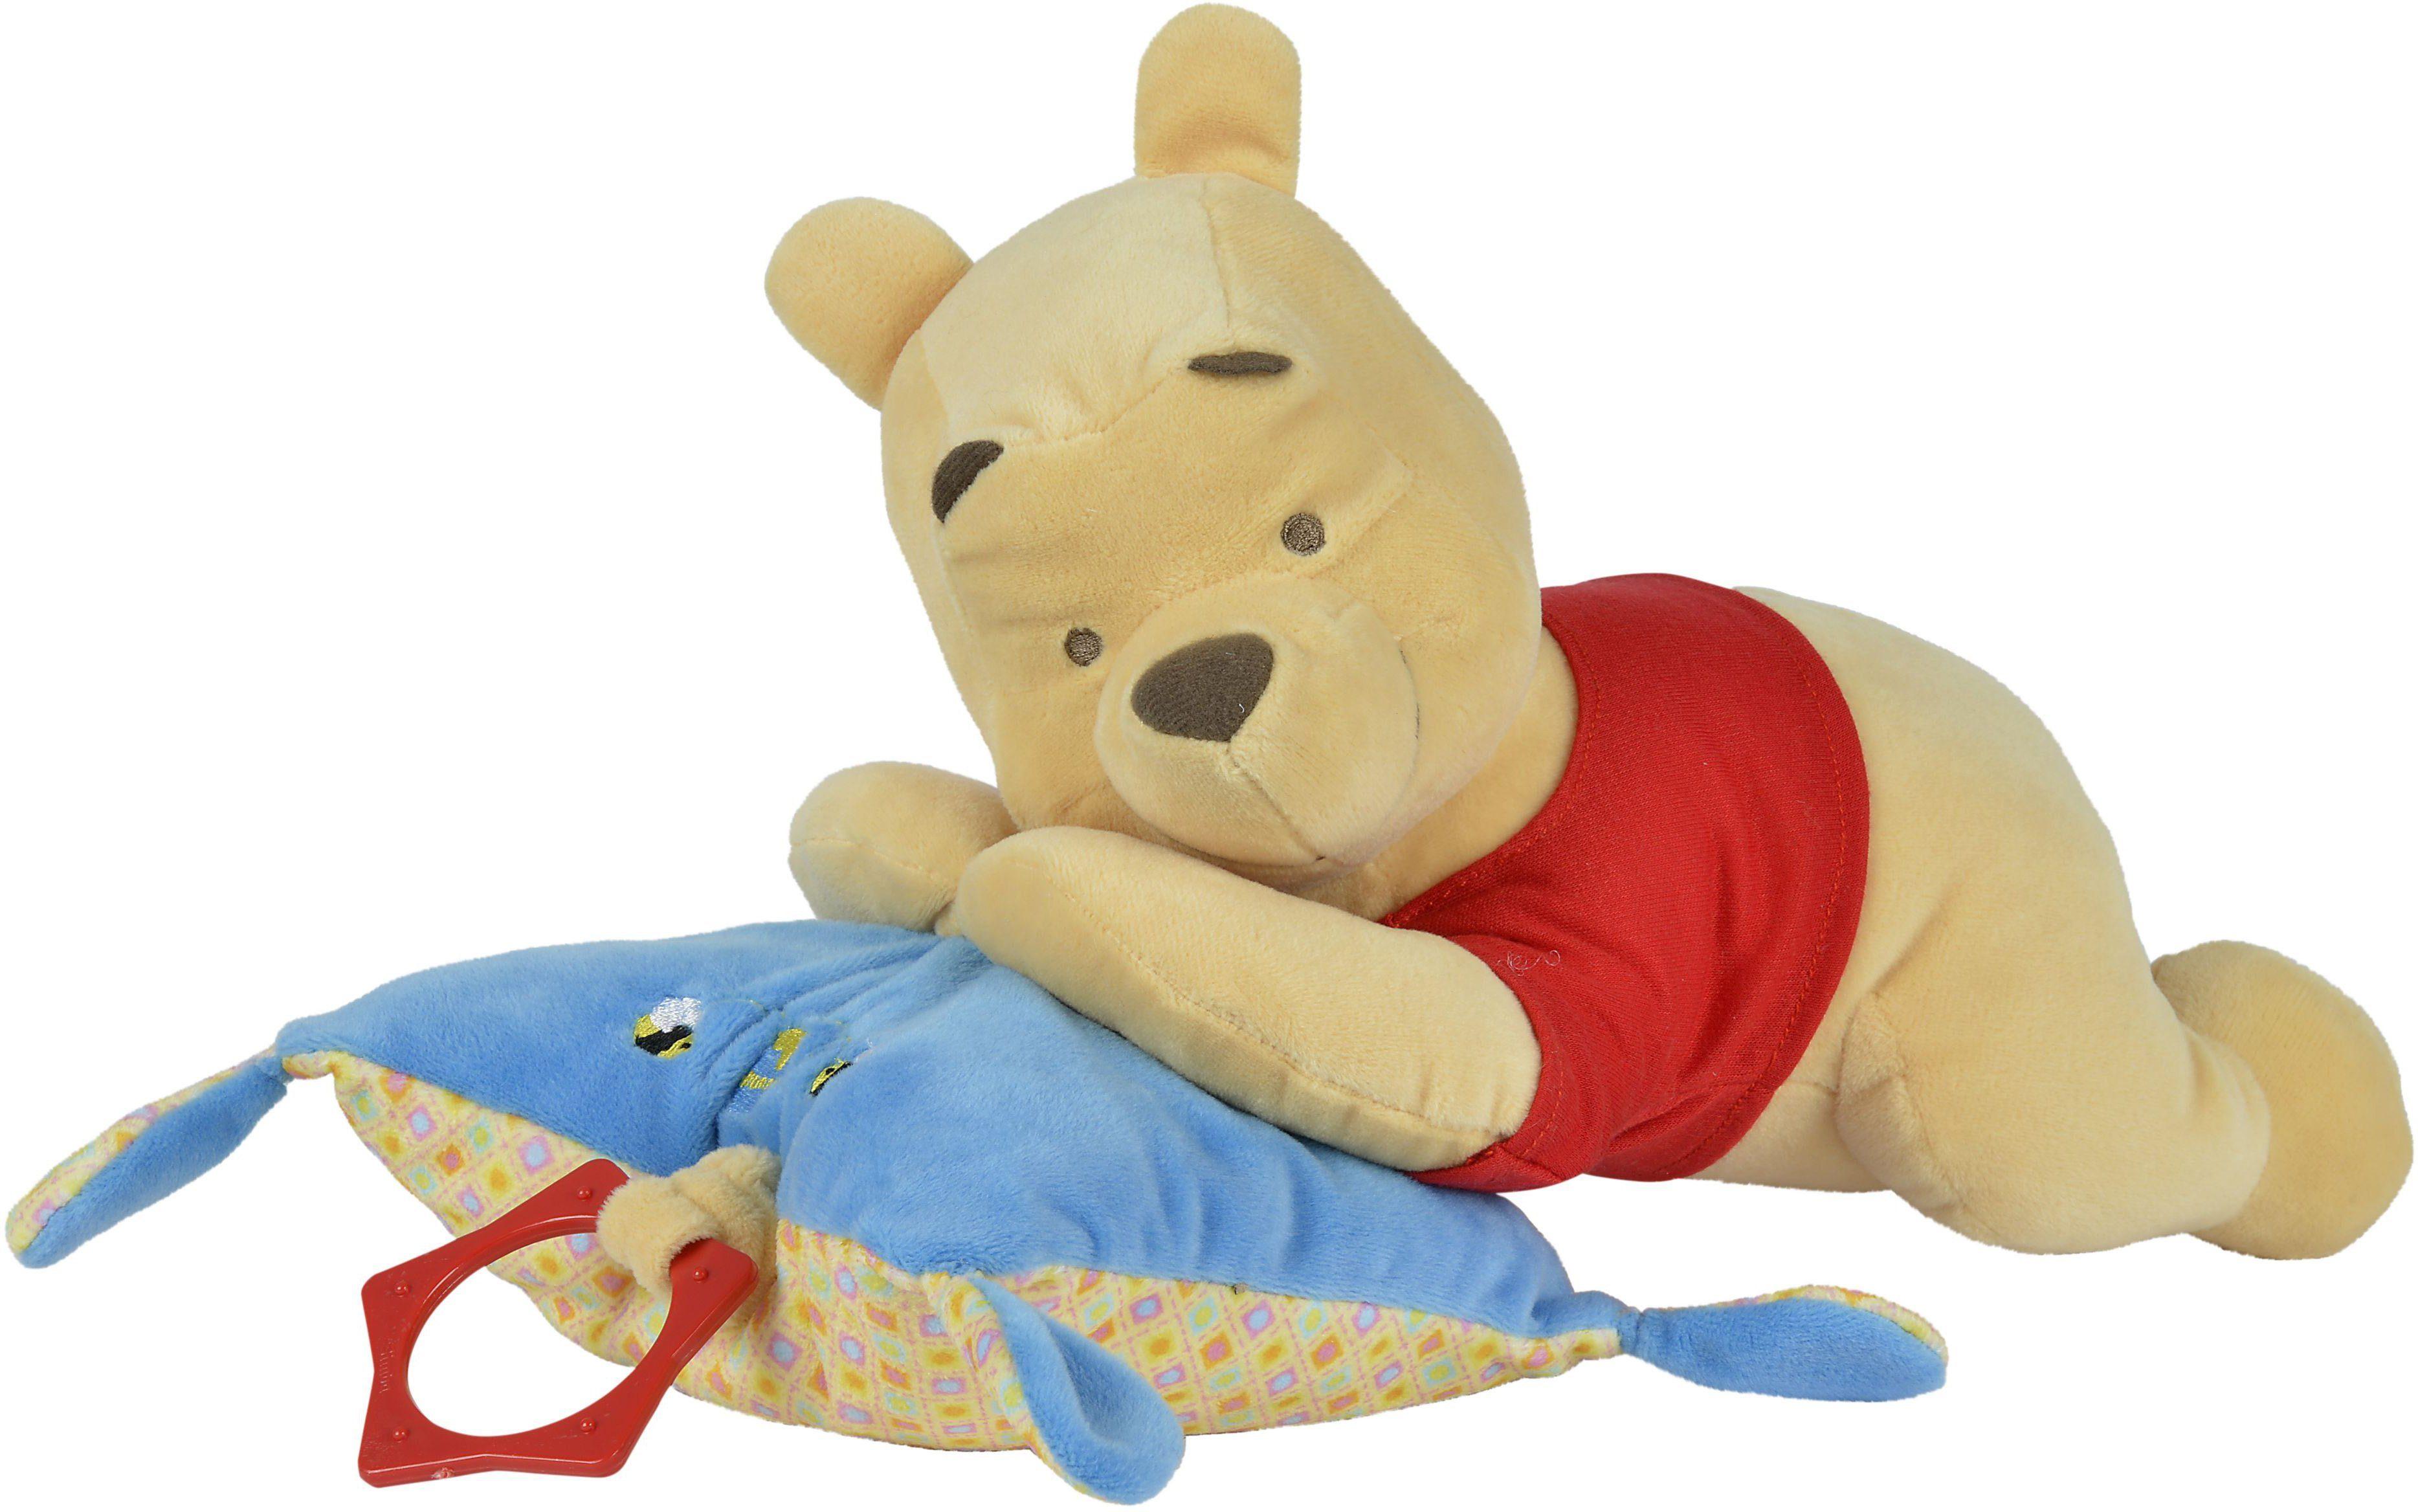 Simba Kuscheltier Bär mit Funktion ca.35 cm, »Disney Winnie The Pooh, Musikspieluhr«